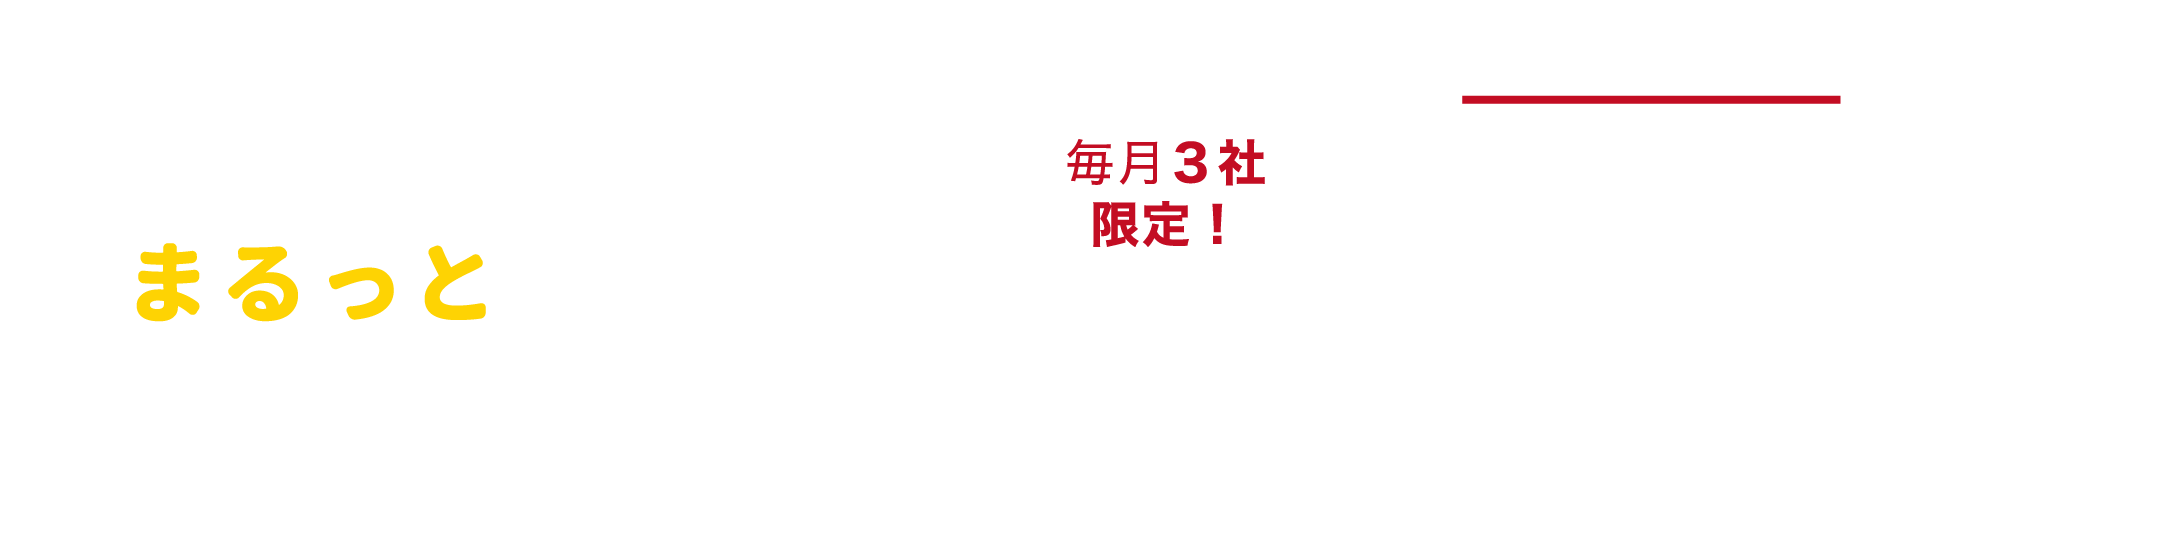 美容業経営まるっとサポート安心パック25,000円/月